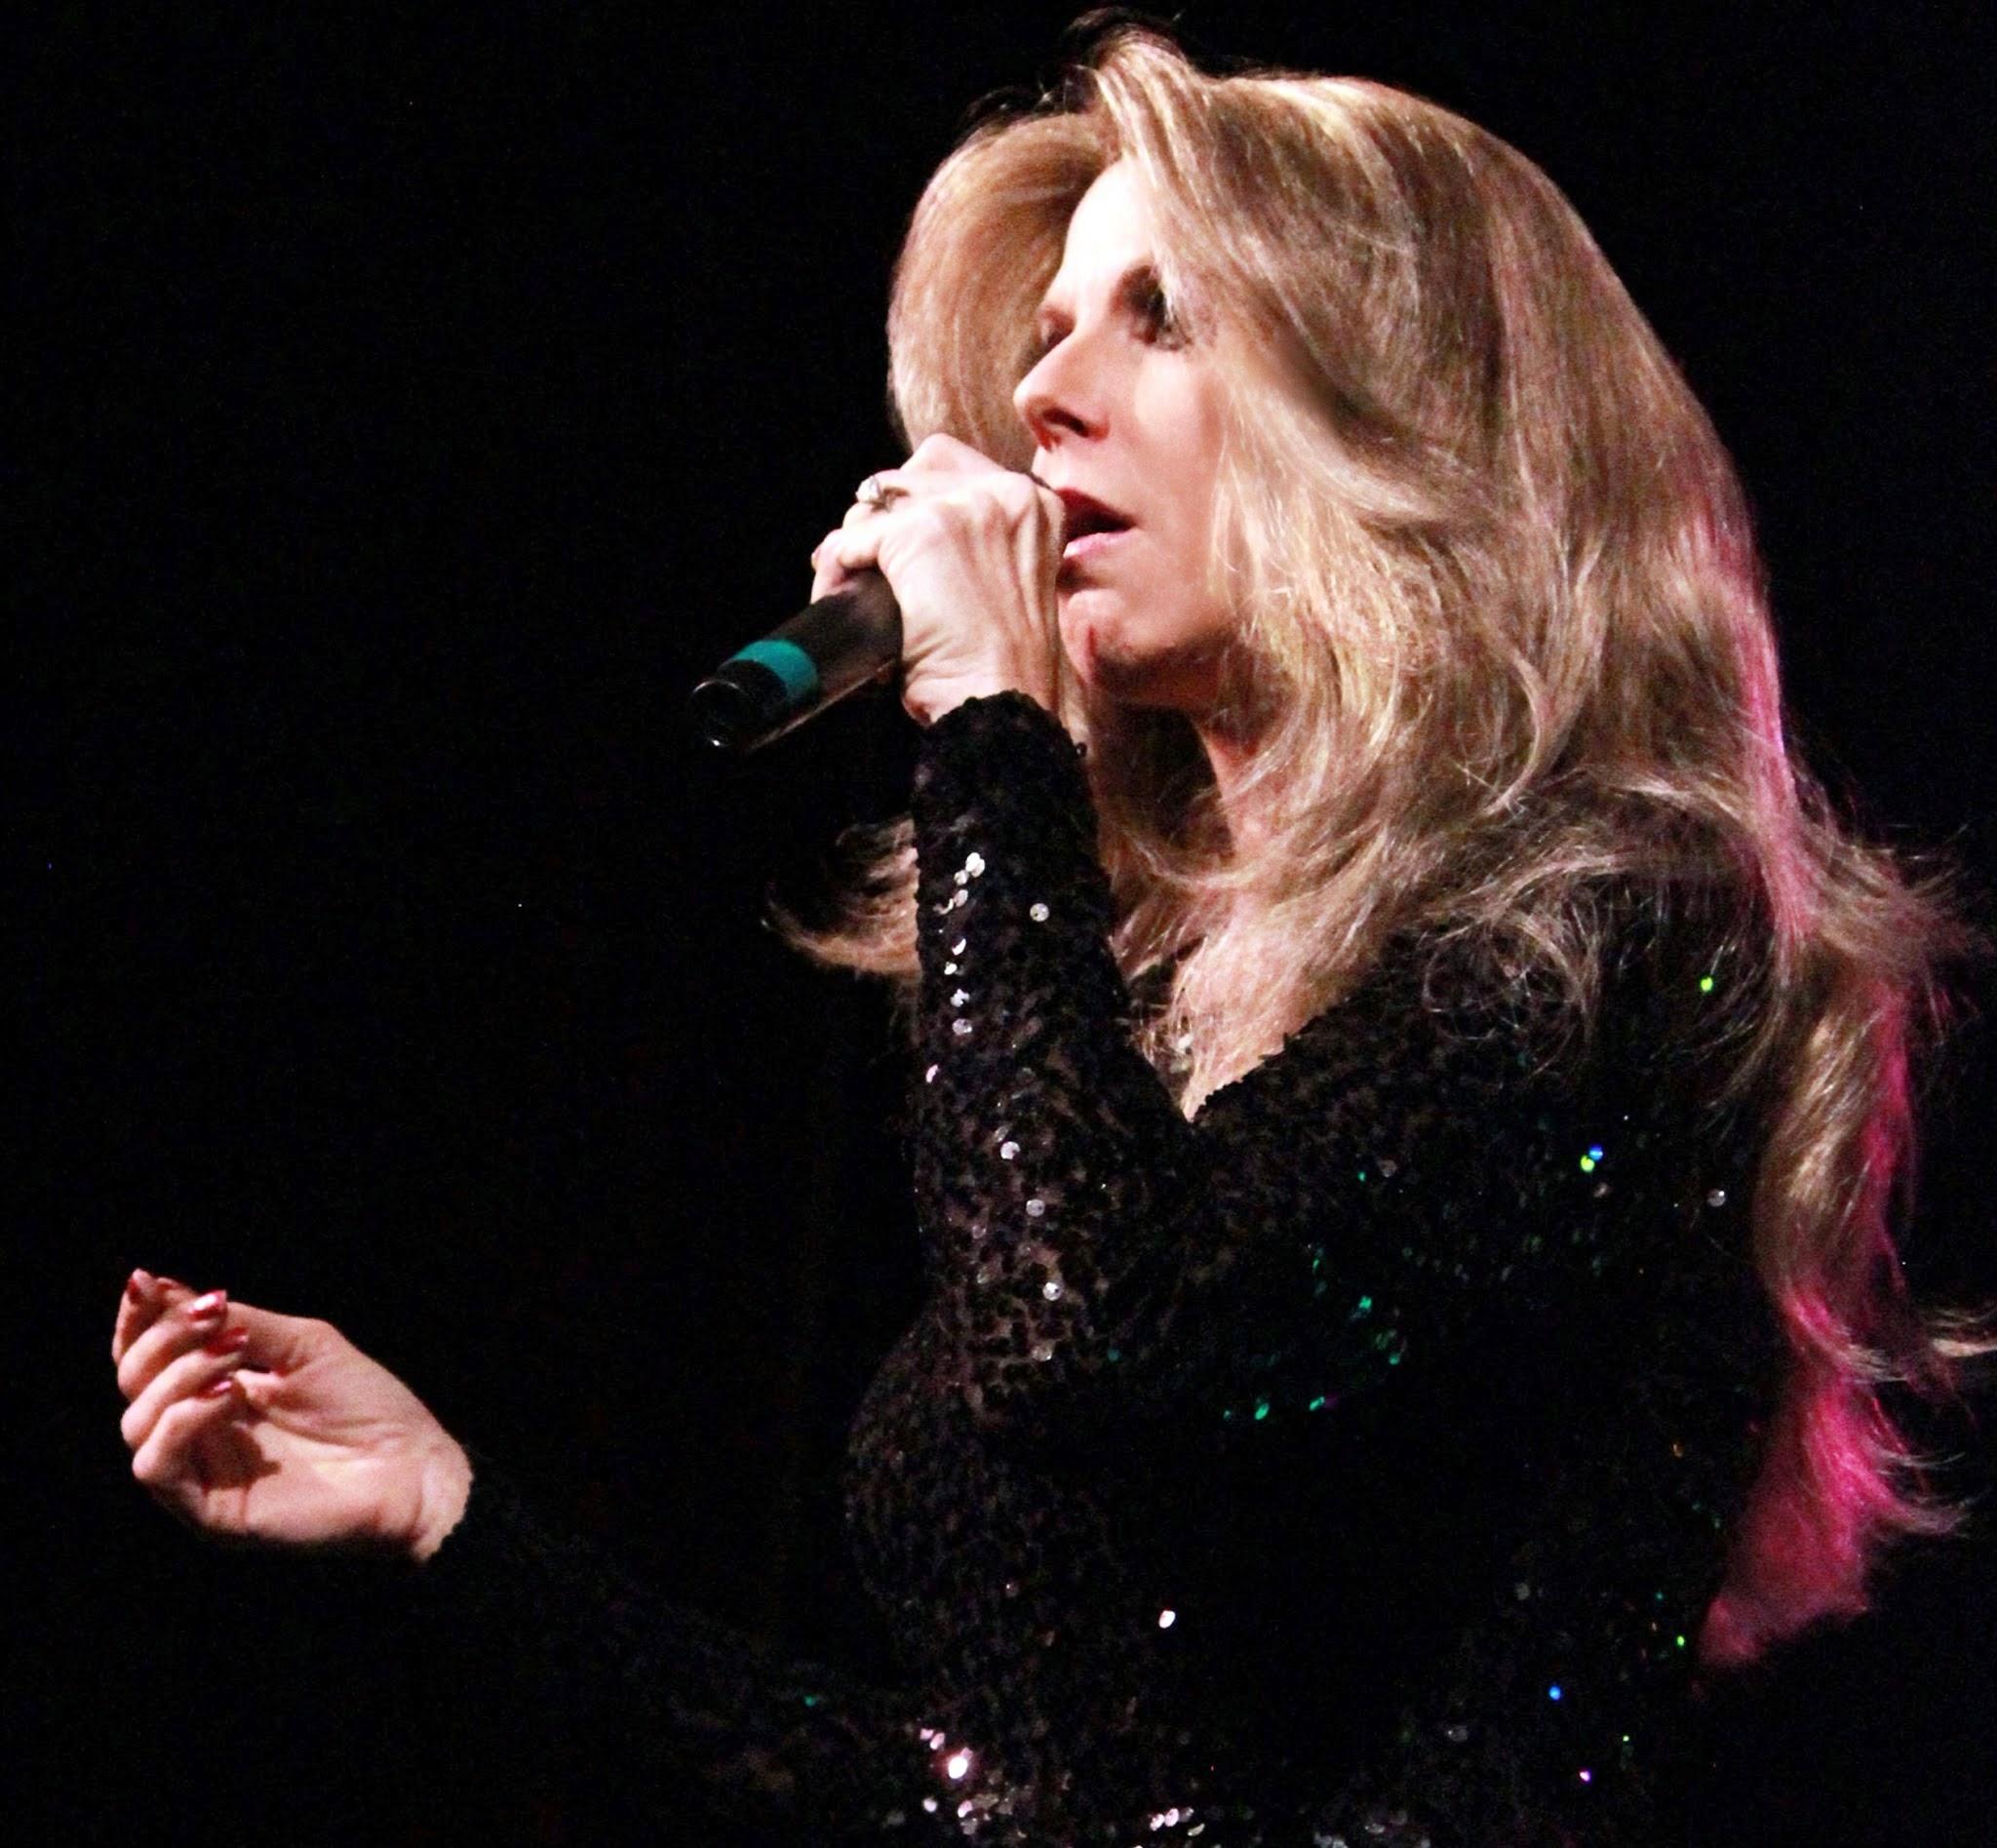 Elisa new Live Celine Diva's_pp.jpg